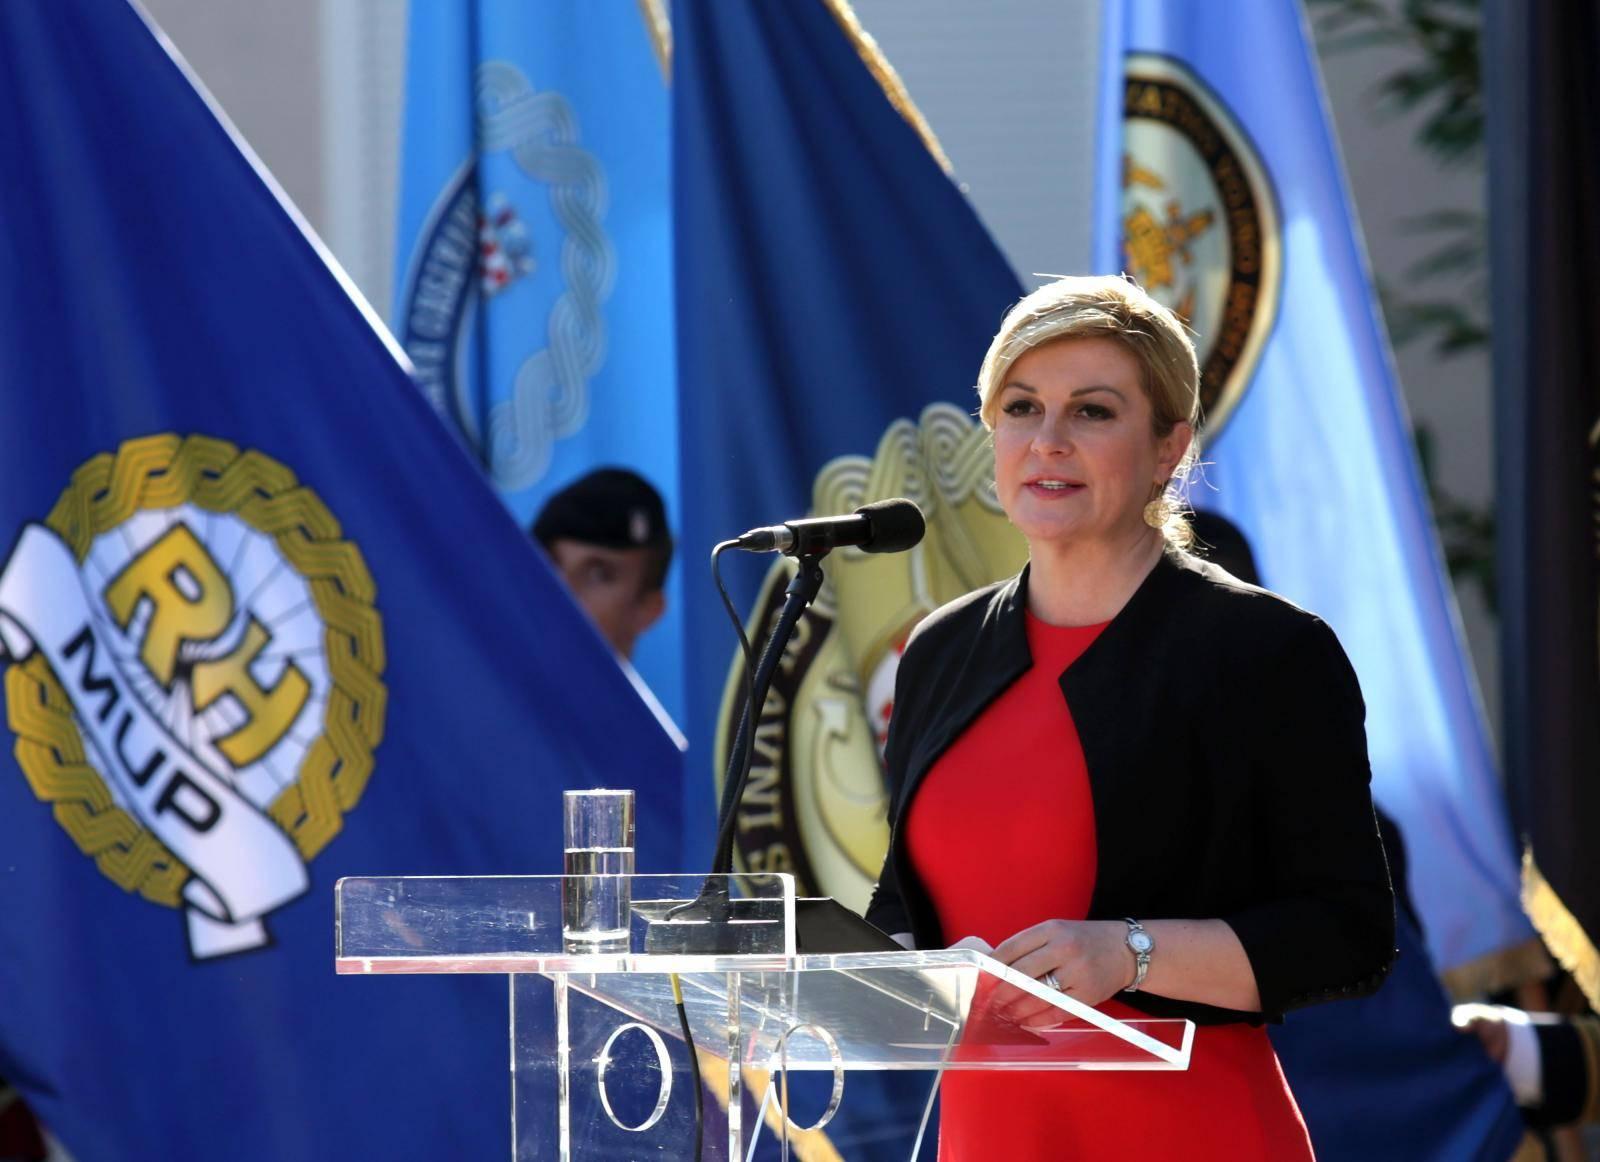 Predsjednica otkazala dolazak na današnji Gerontološki tulum